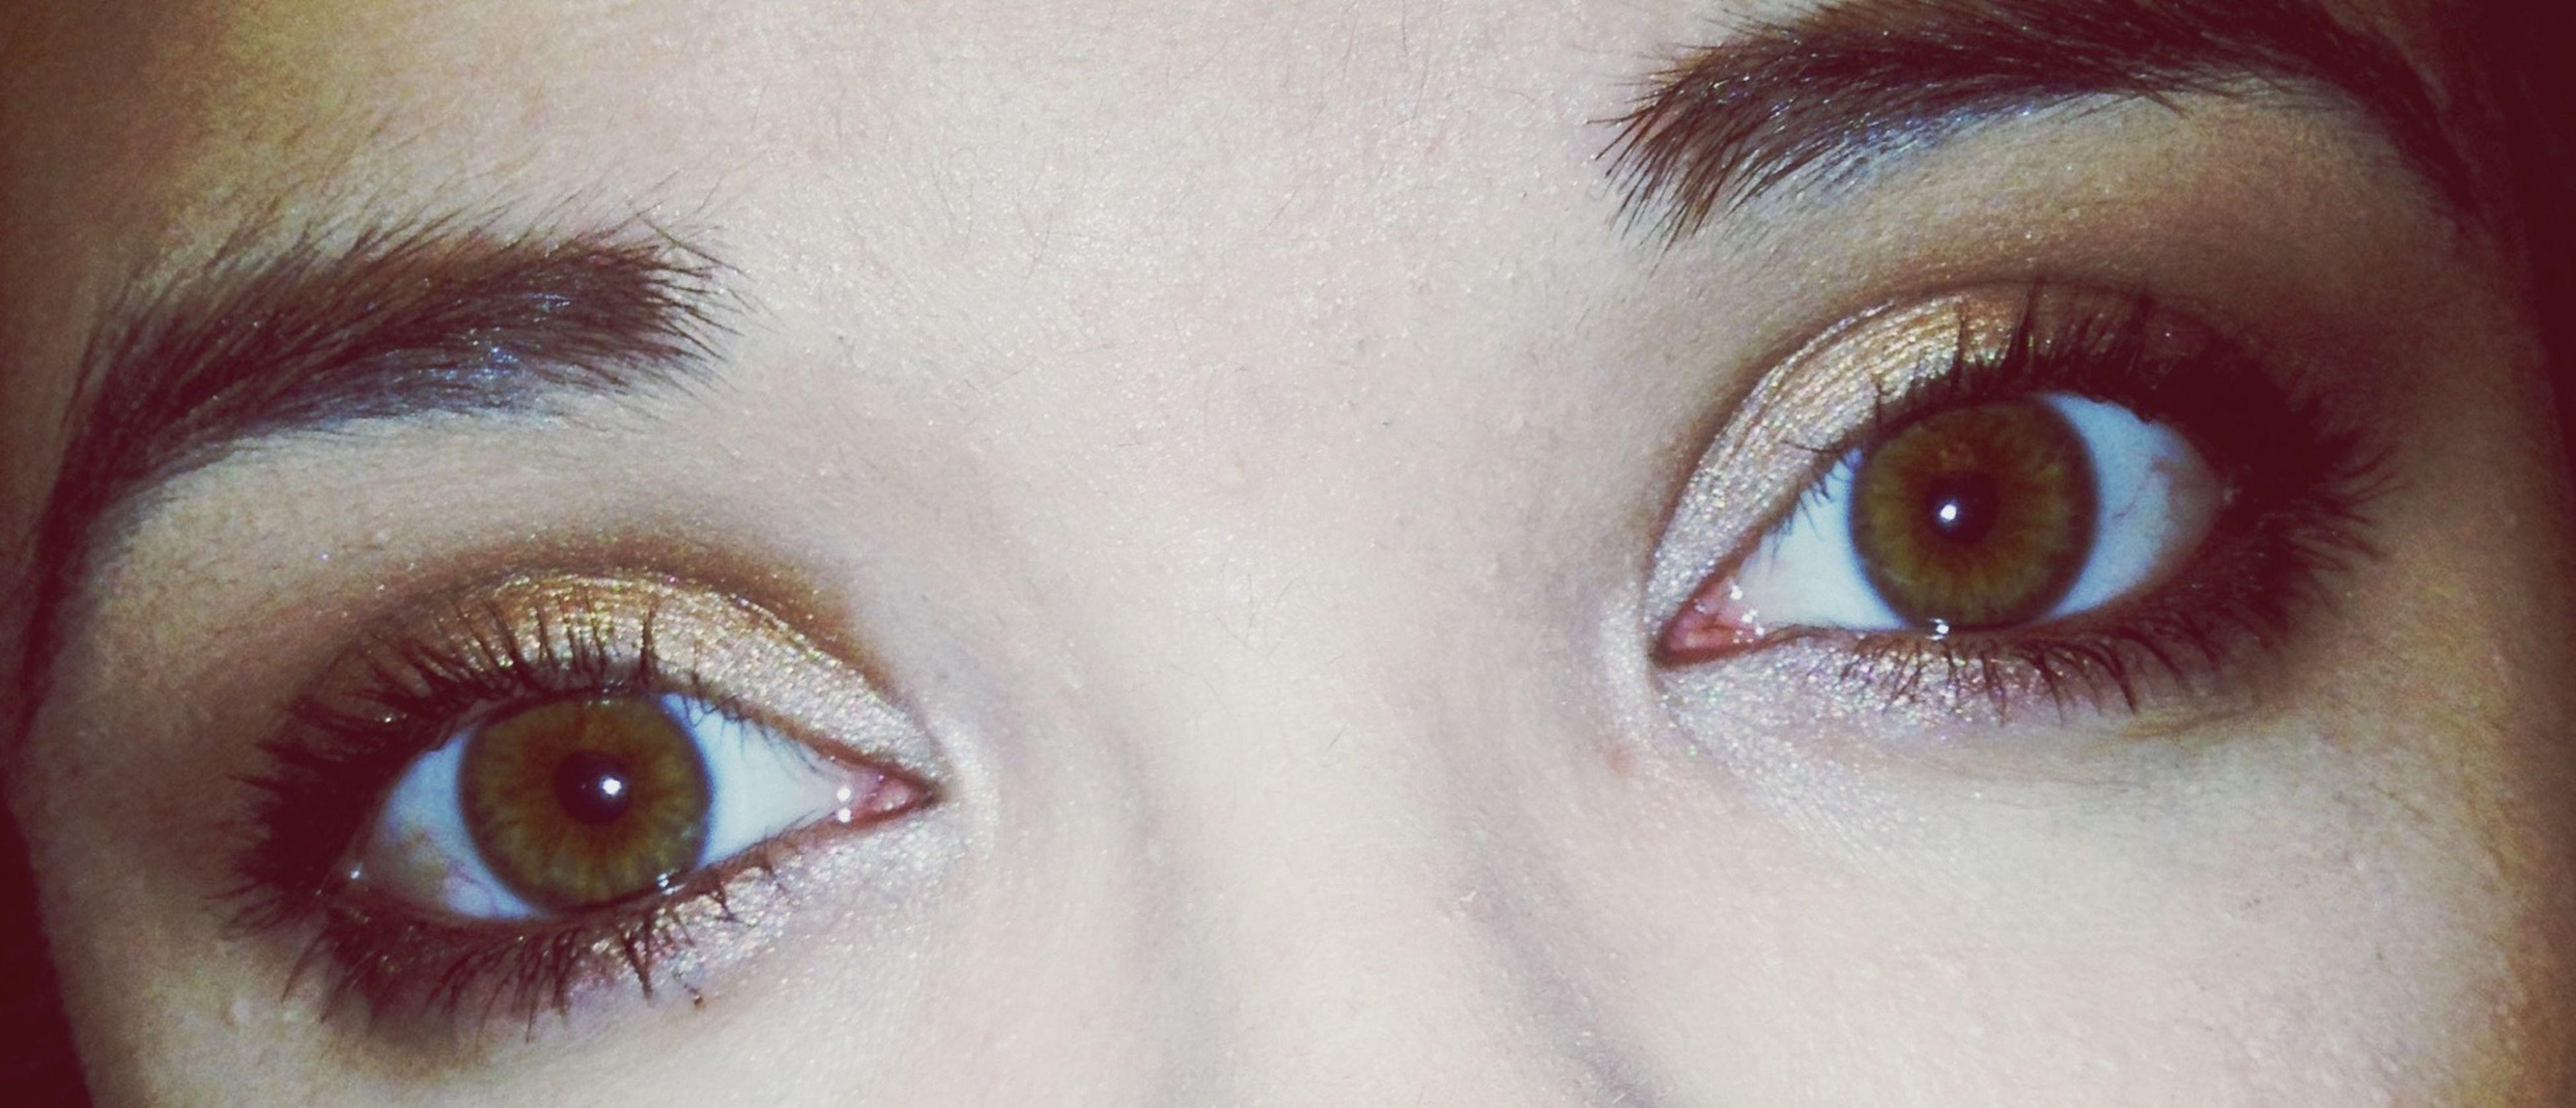 human eye, eyelash, close-up, looking at camera, eyesight, portrait, sensory perception, human face, part of, human skin, extreme close-up, lifestyles, iris - eye, headshot, eyebrow, eyeball, extreme close up